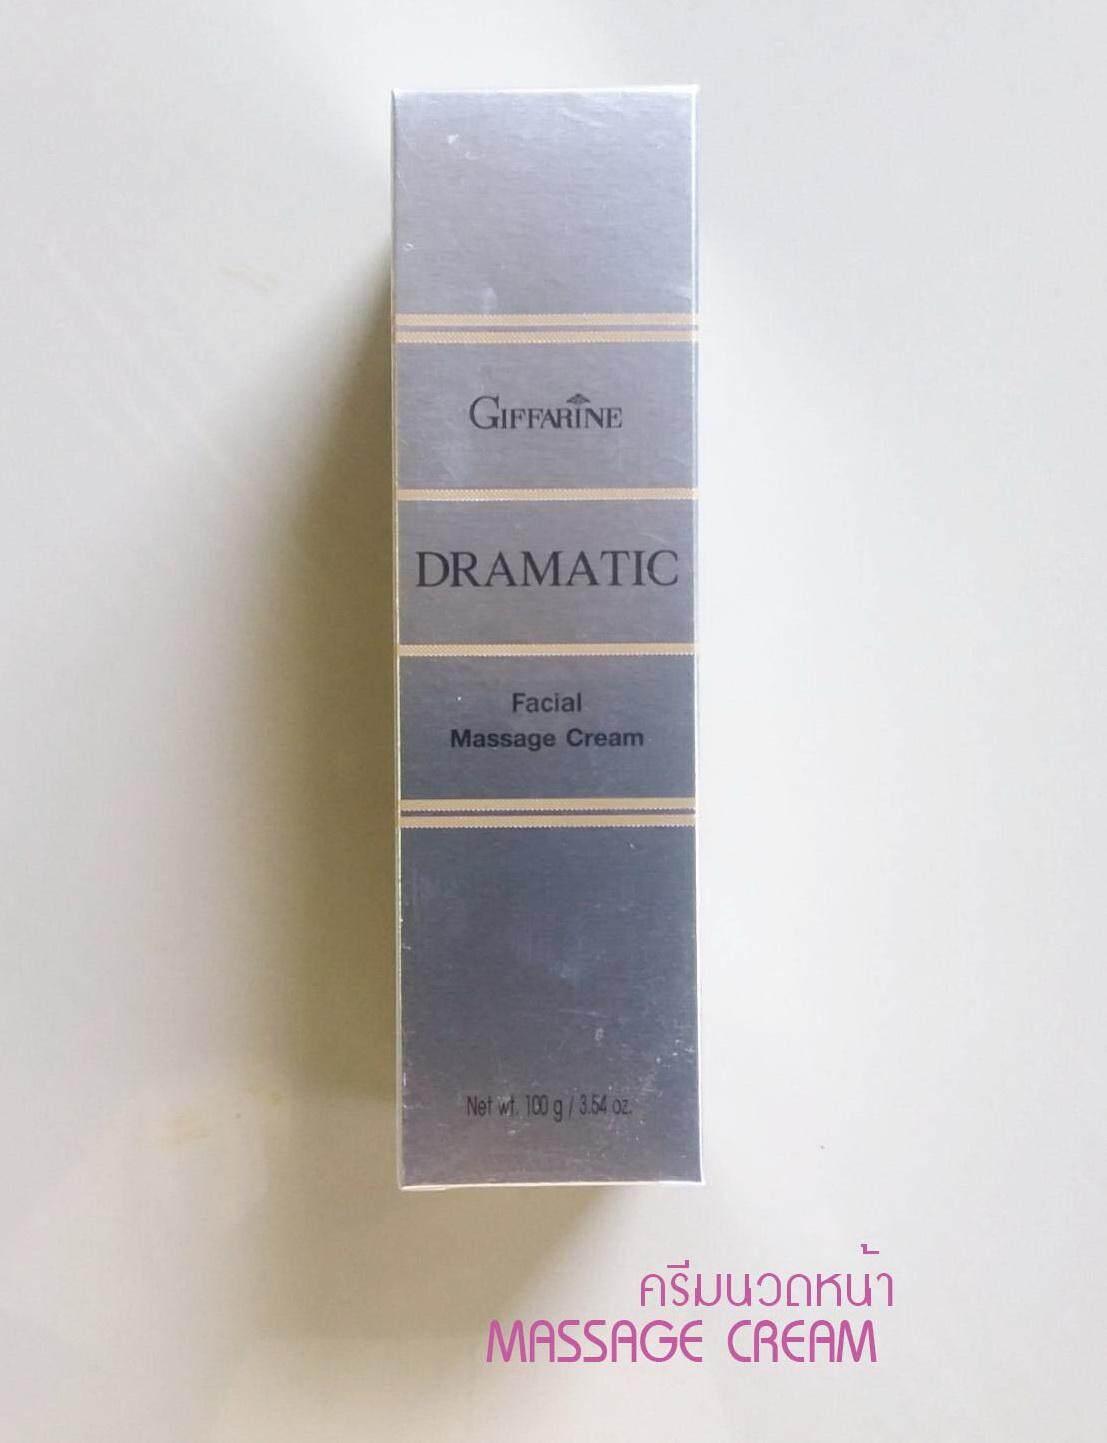 ครีมนวดหน้า ดรามาติค กิฟฟารีน (Dramatic Facial Massage Cream)